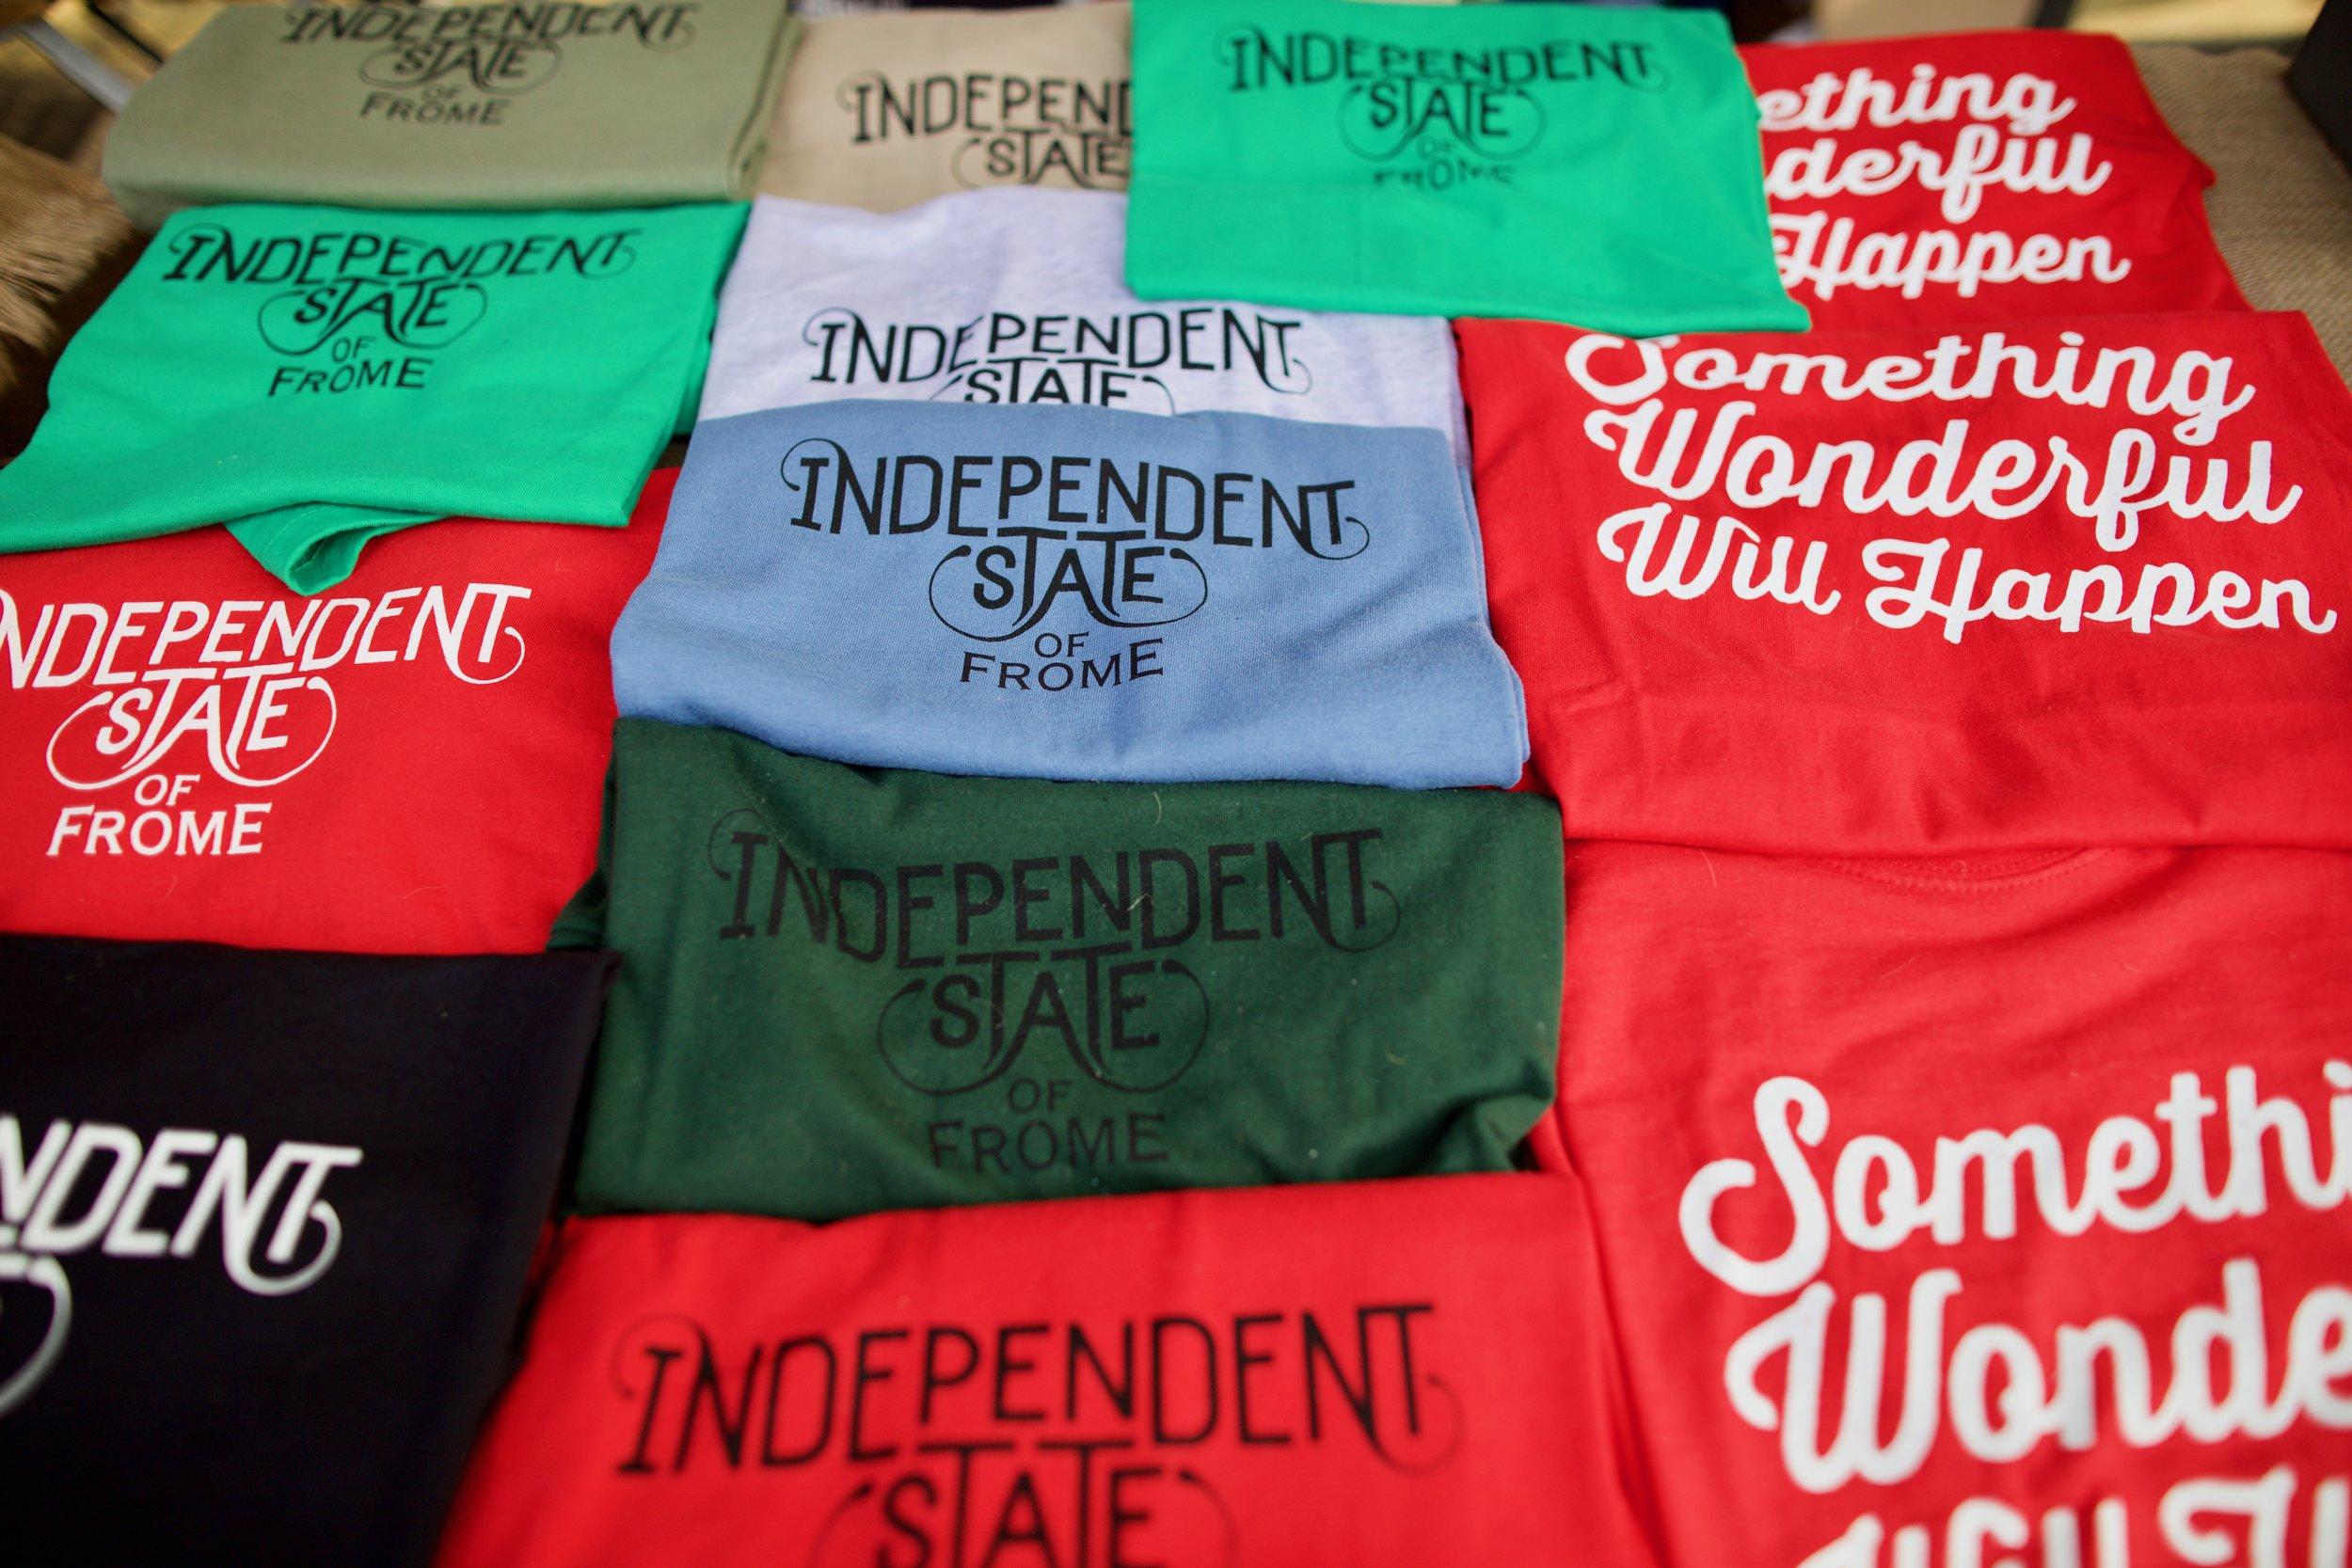 독립, 인디펜던트는 이 시장의 가장 강력한 정신이자 비전, 브랜드이자 문화상품이 되었다.